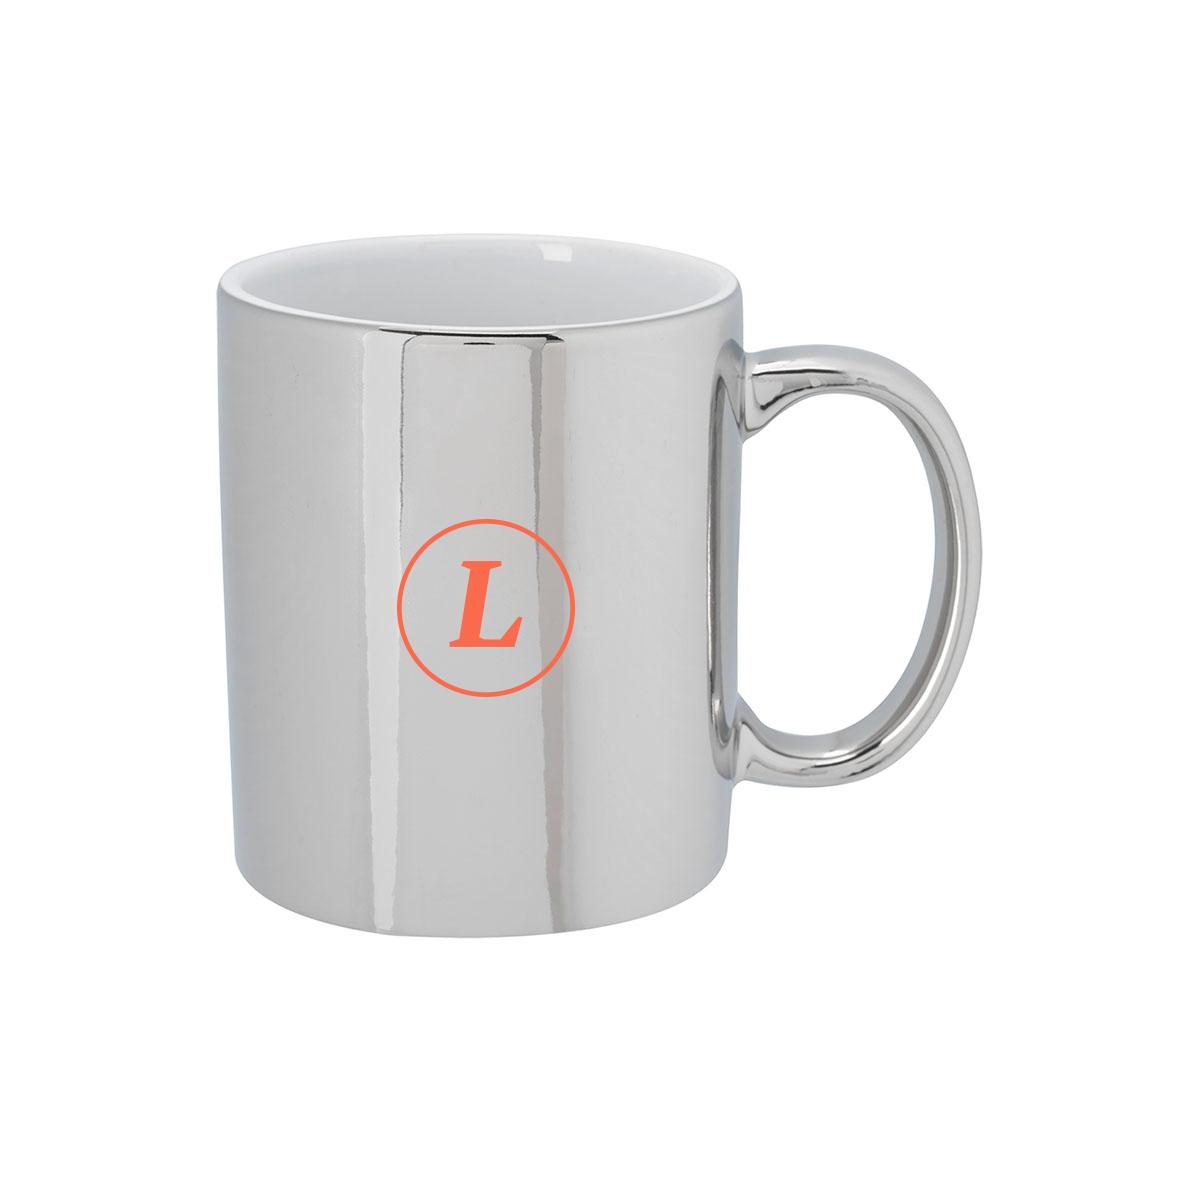 165472 cosmos ceramic mug one color one location imprint